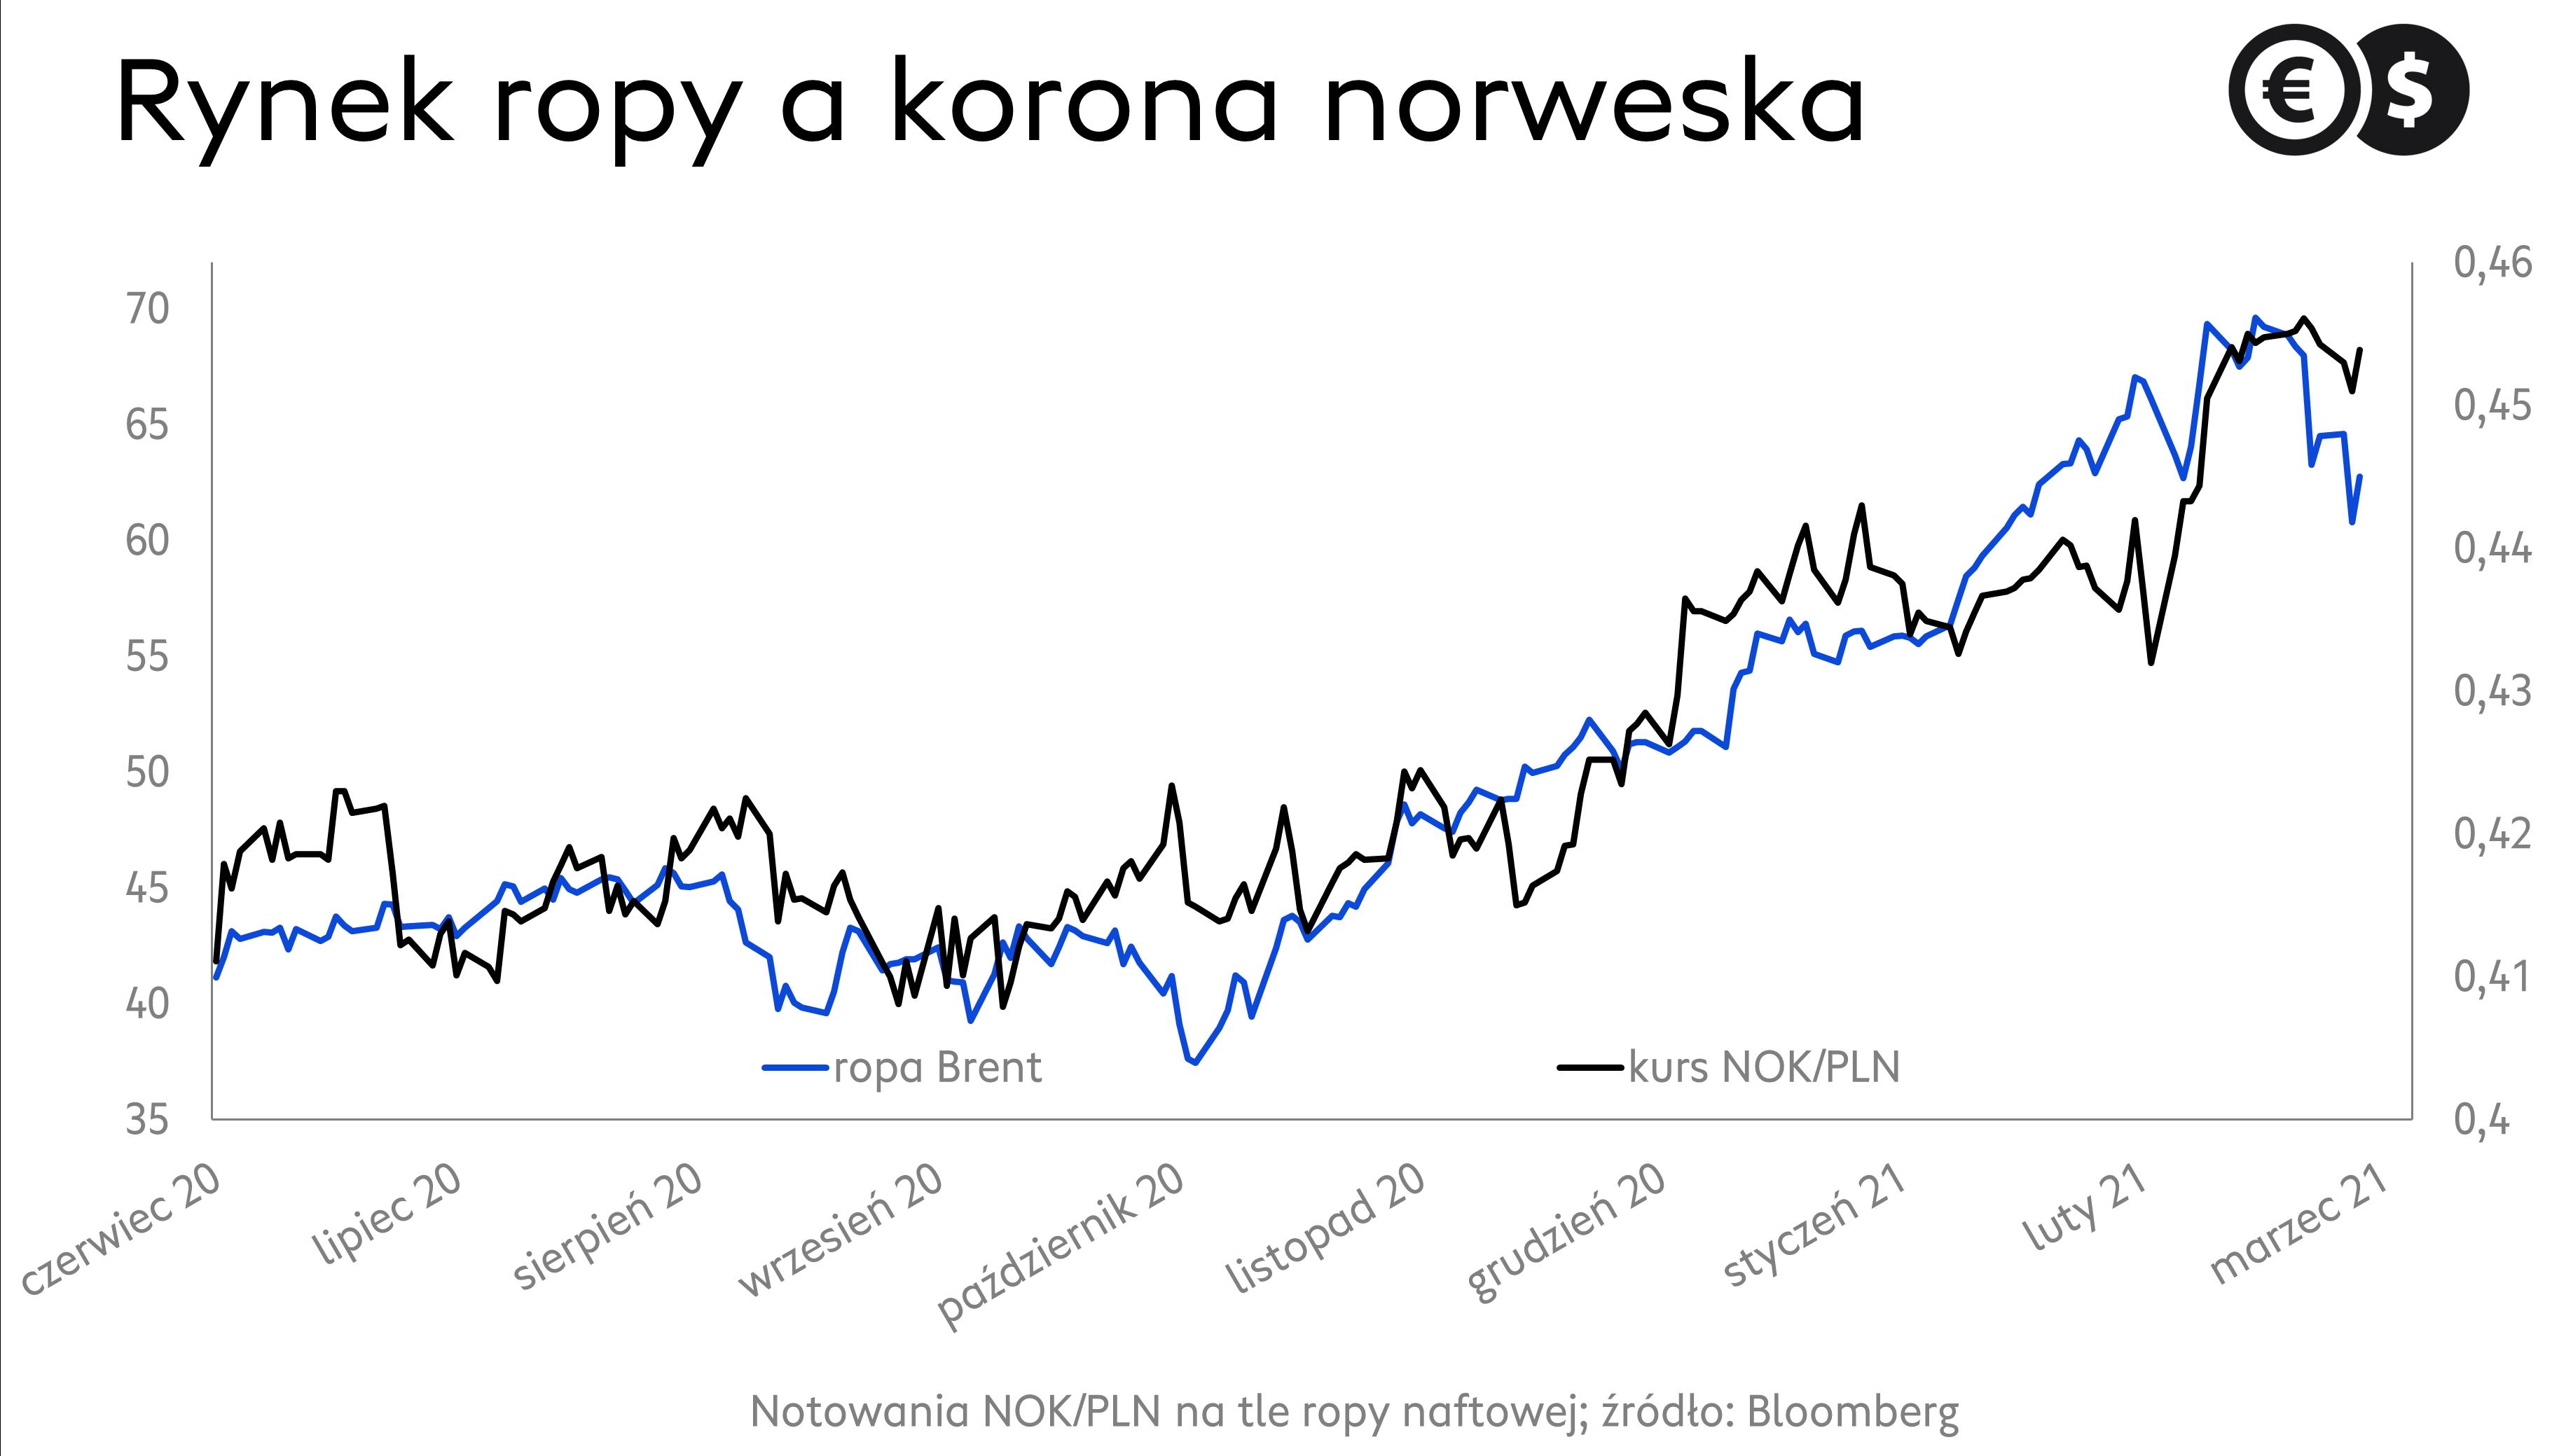 Ropa a korona norweska. Wykres NOK/PLN i ropy Brent; źródło: Bloomberg